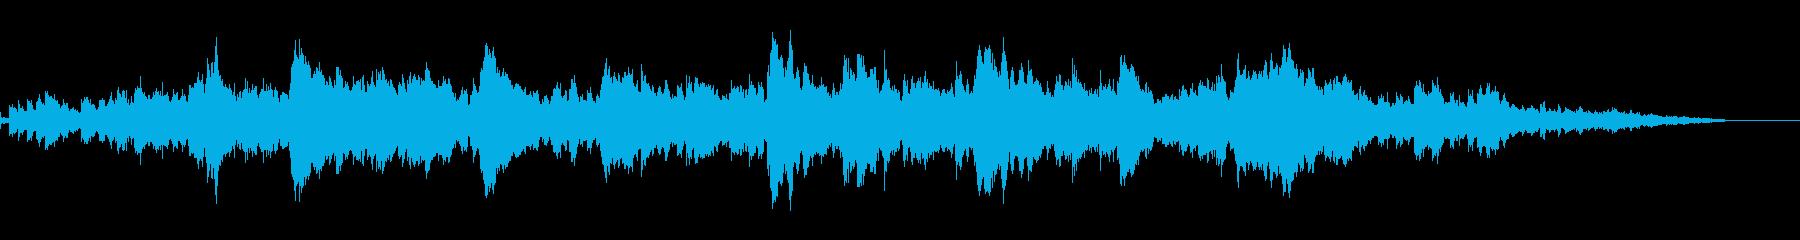 単音のピアノが奏でる悲しげな曲の再生済みの波形